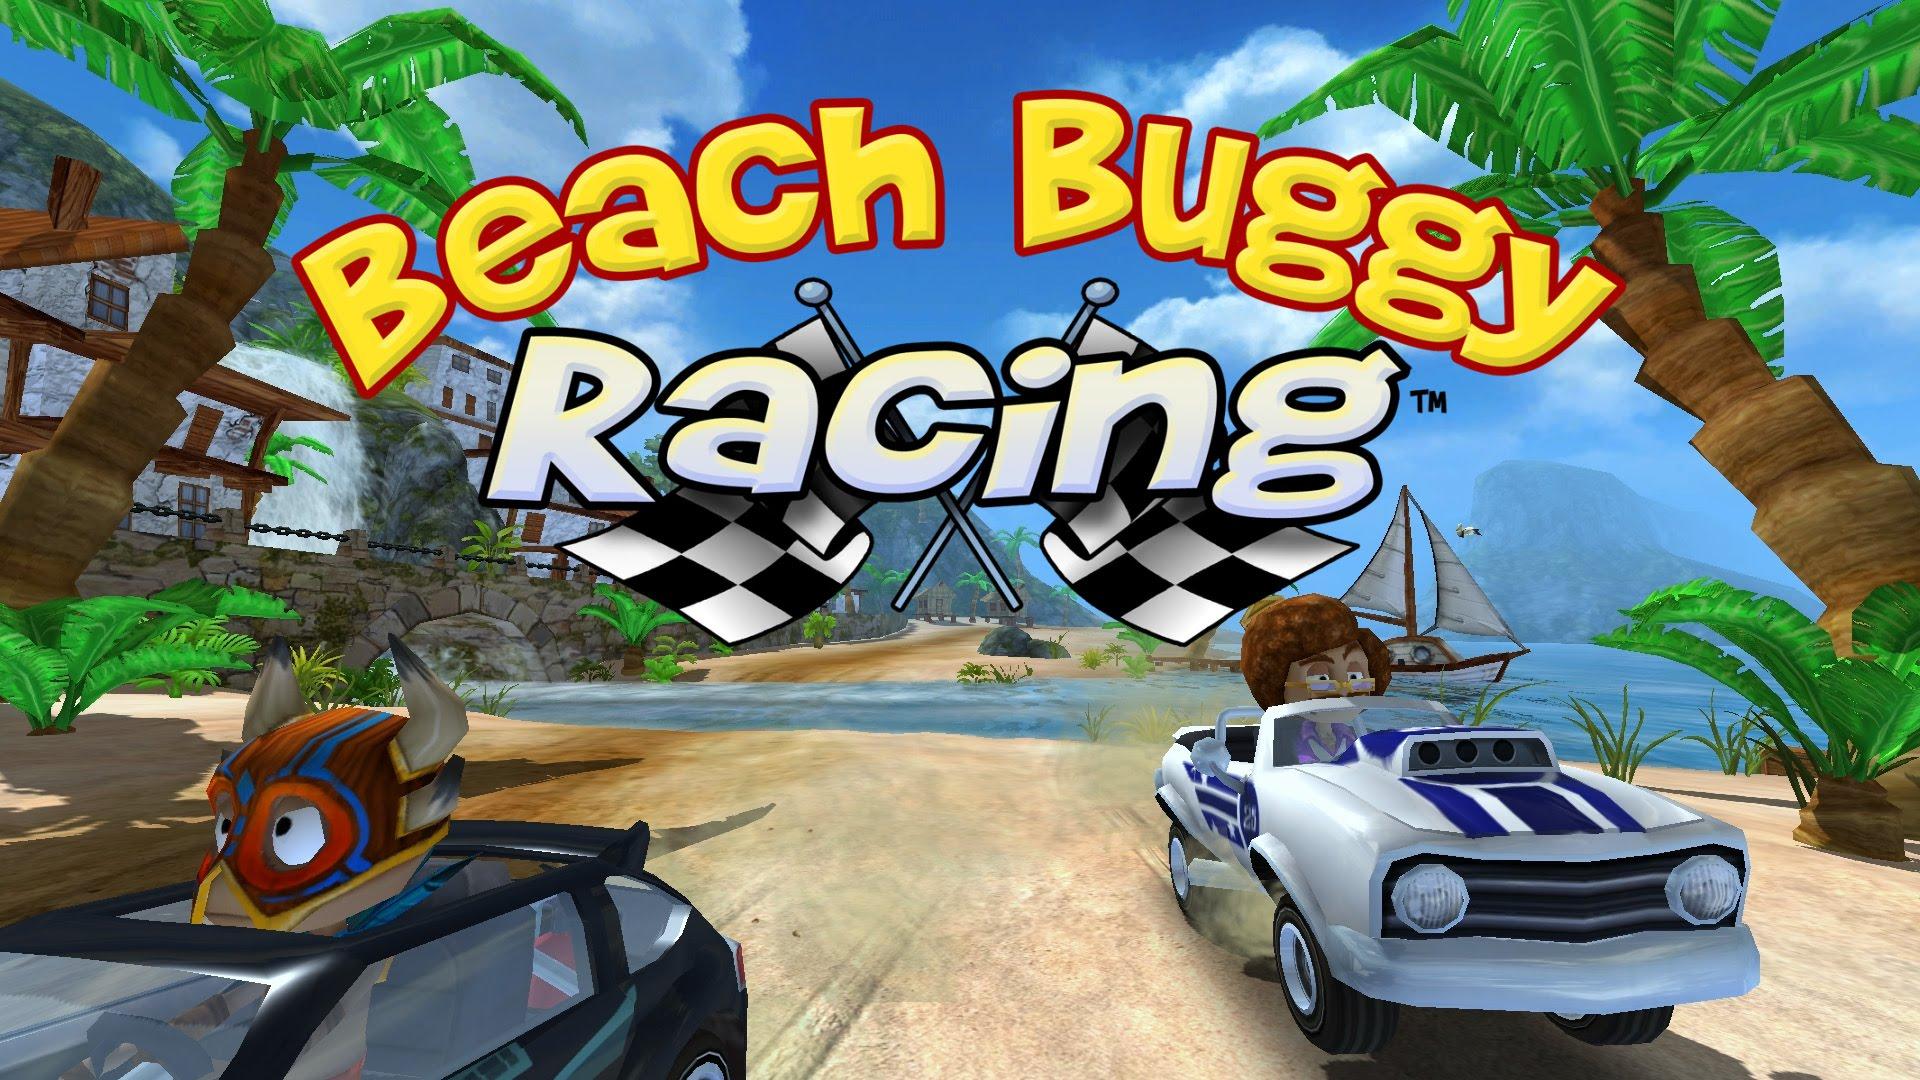 Trucchi per Beach Buggy Racing Conosci tutti i tuoi segreti! 2